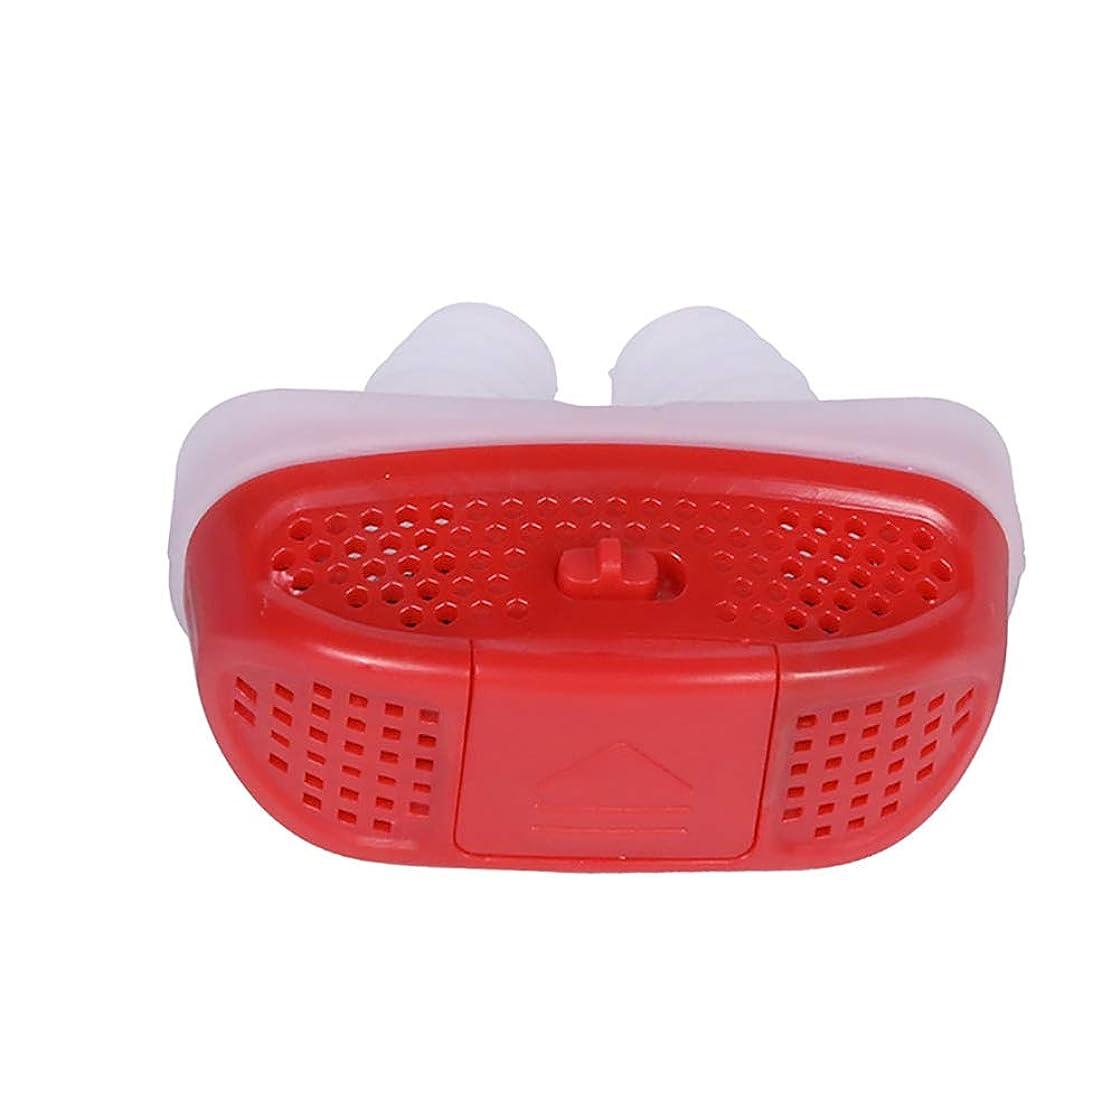 虚栄心出席昼寝電気 いびき止め 空気清浄器 鼻の通気孔 重い呼吸改善 いびき防止 鼻拡張器 バッテリーなし 睡眠器具 Cutelove